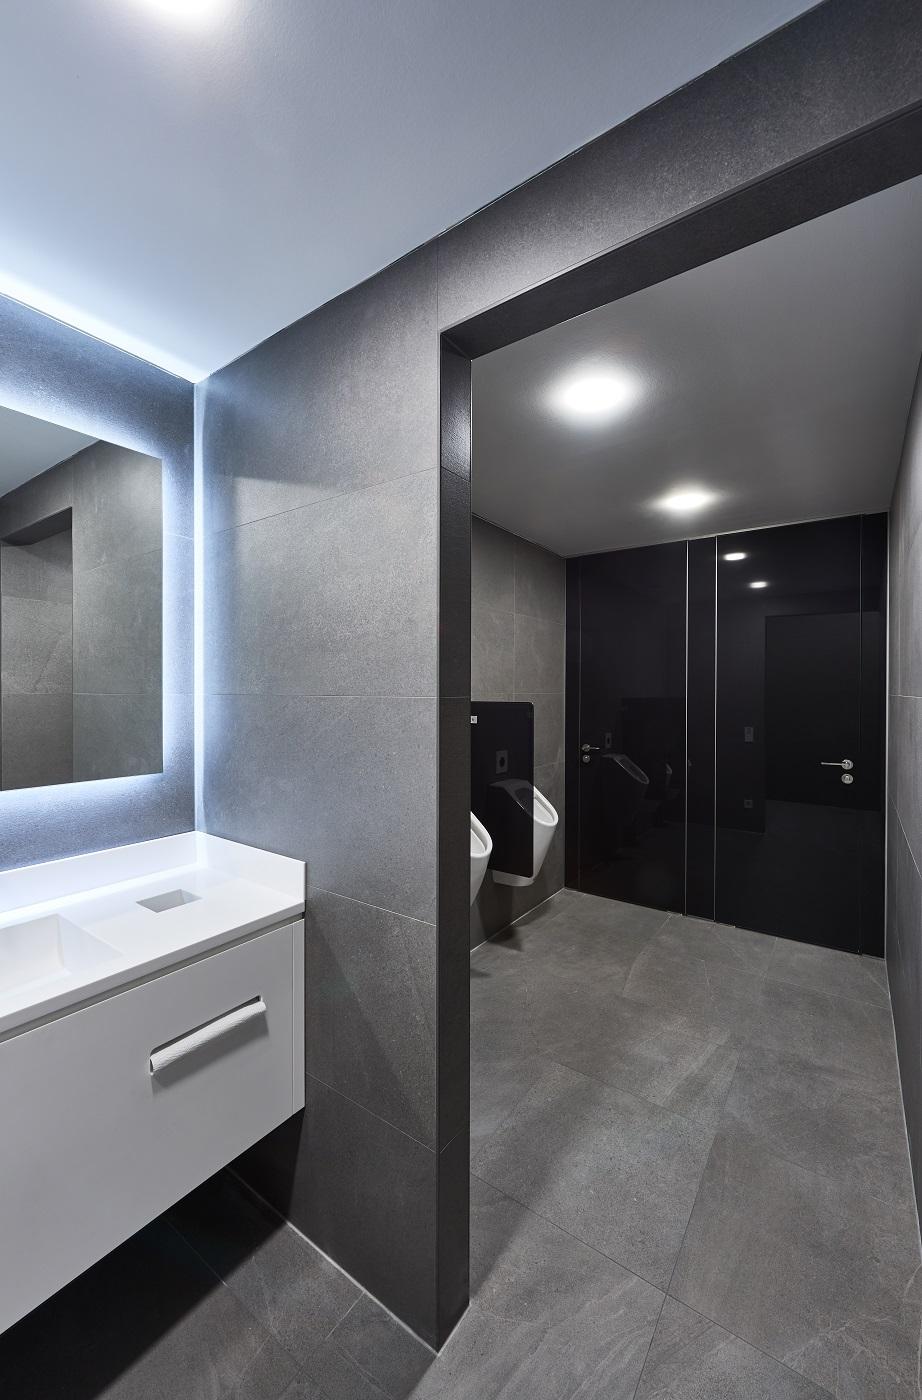 WC Trennwand Glas VENTO › Schäfer Trennwandsysteme